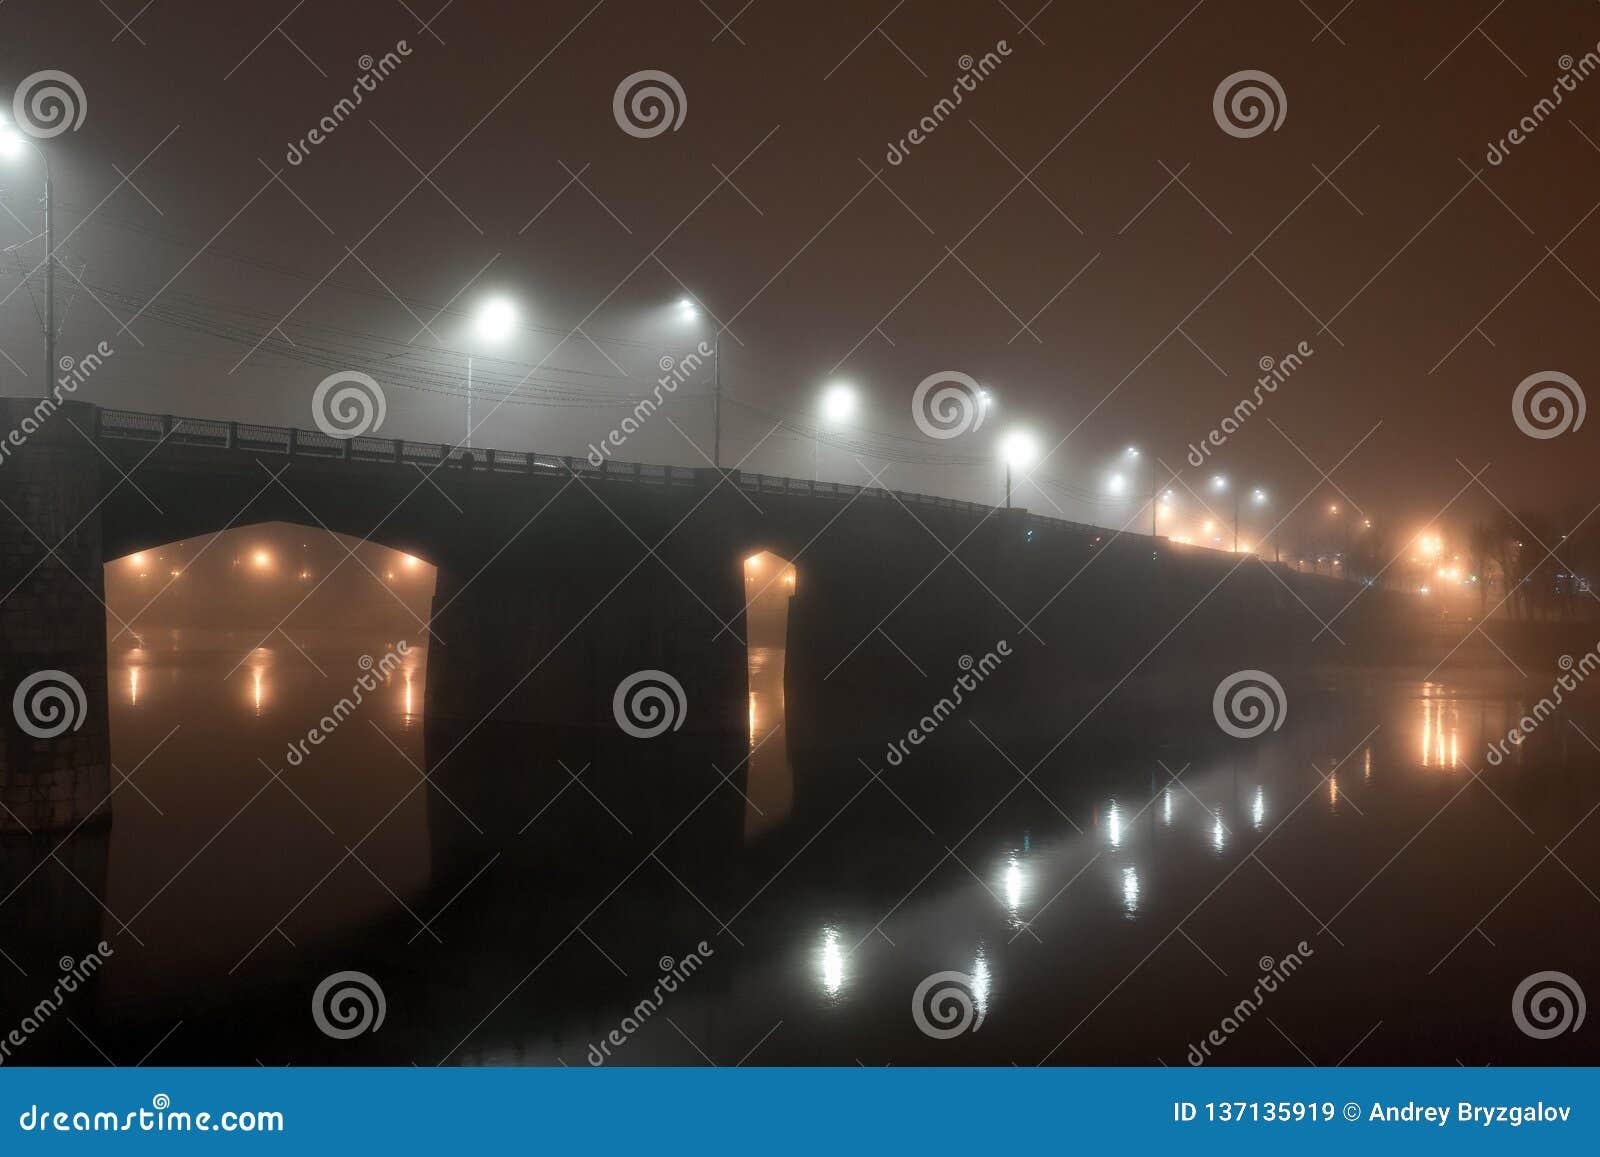 Stadtstraßenbrücke über Fluss im dichten Nebel nachts belichtet durch Laternen